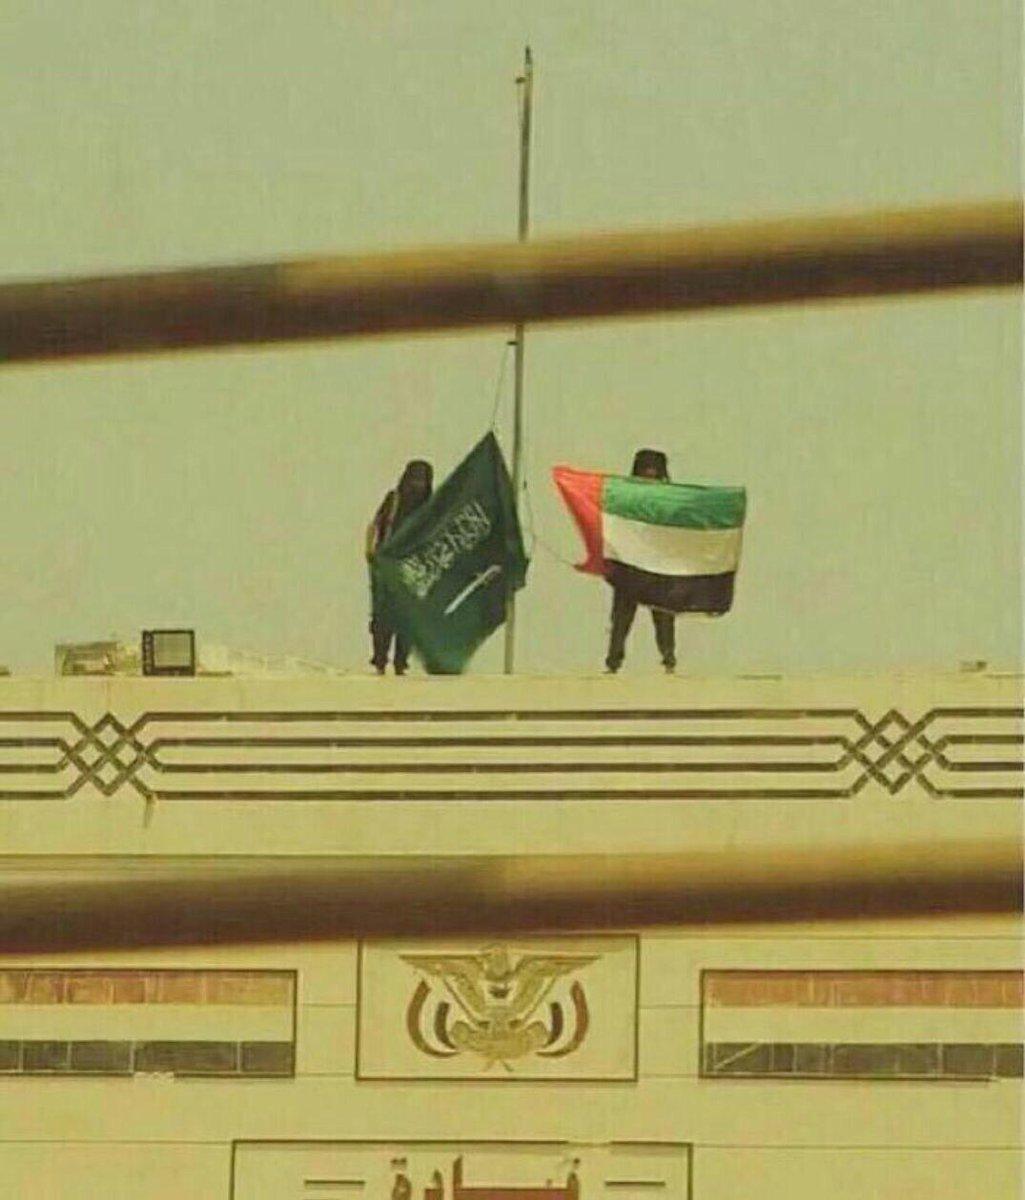 صباح بلادي يرفرف  رفع العلم فوق سد مأرب  الله اكبر ولله الحمد http://t.co/I6HRTgnoDp